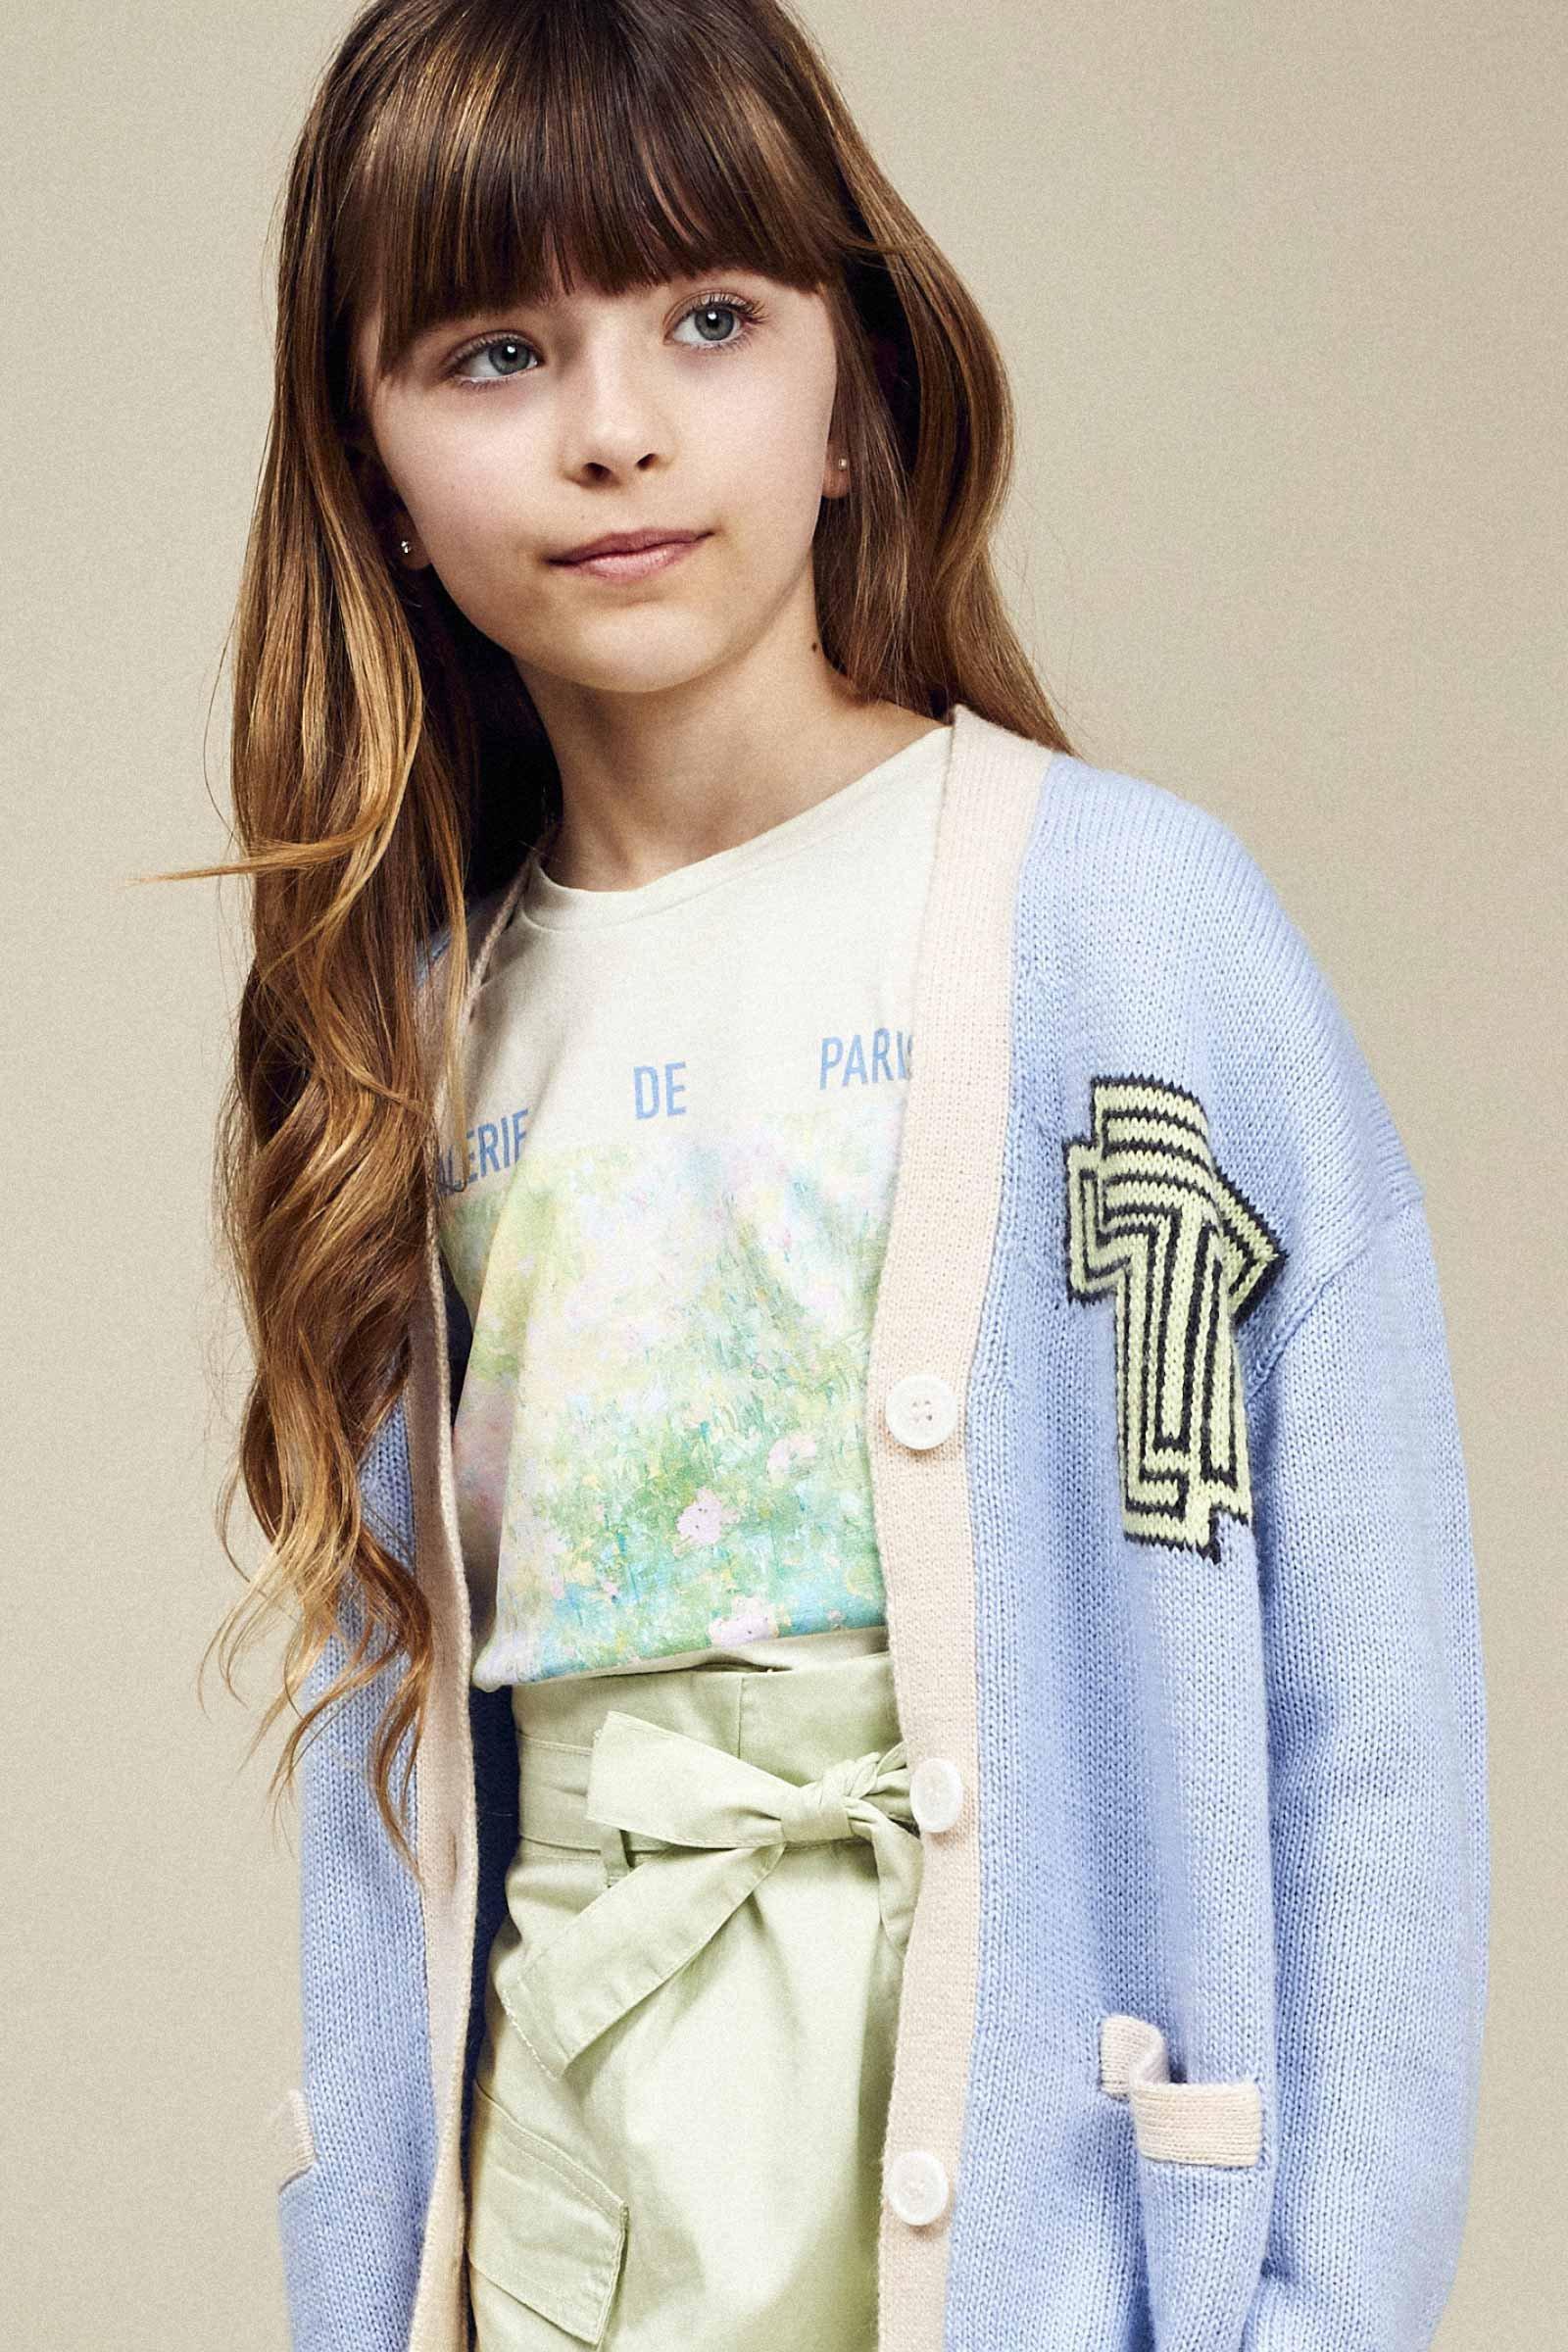 CKS Kids - DENVER - t-shirt korte mouwen - khaki